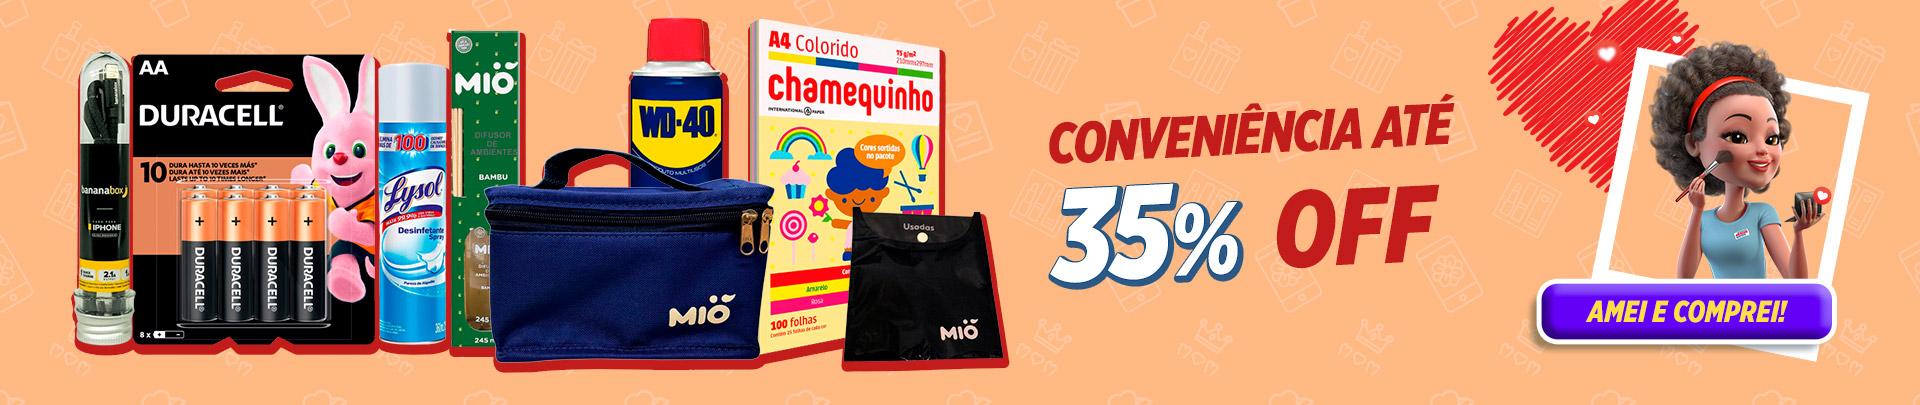 Conveniência_Tab354